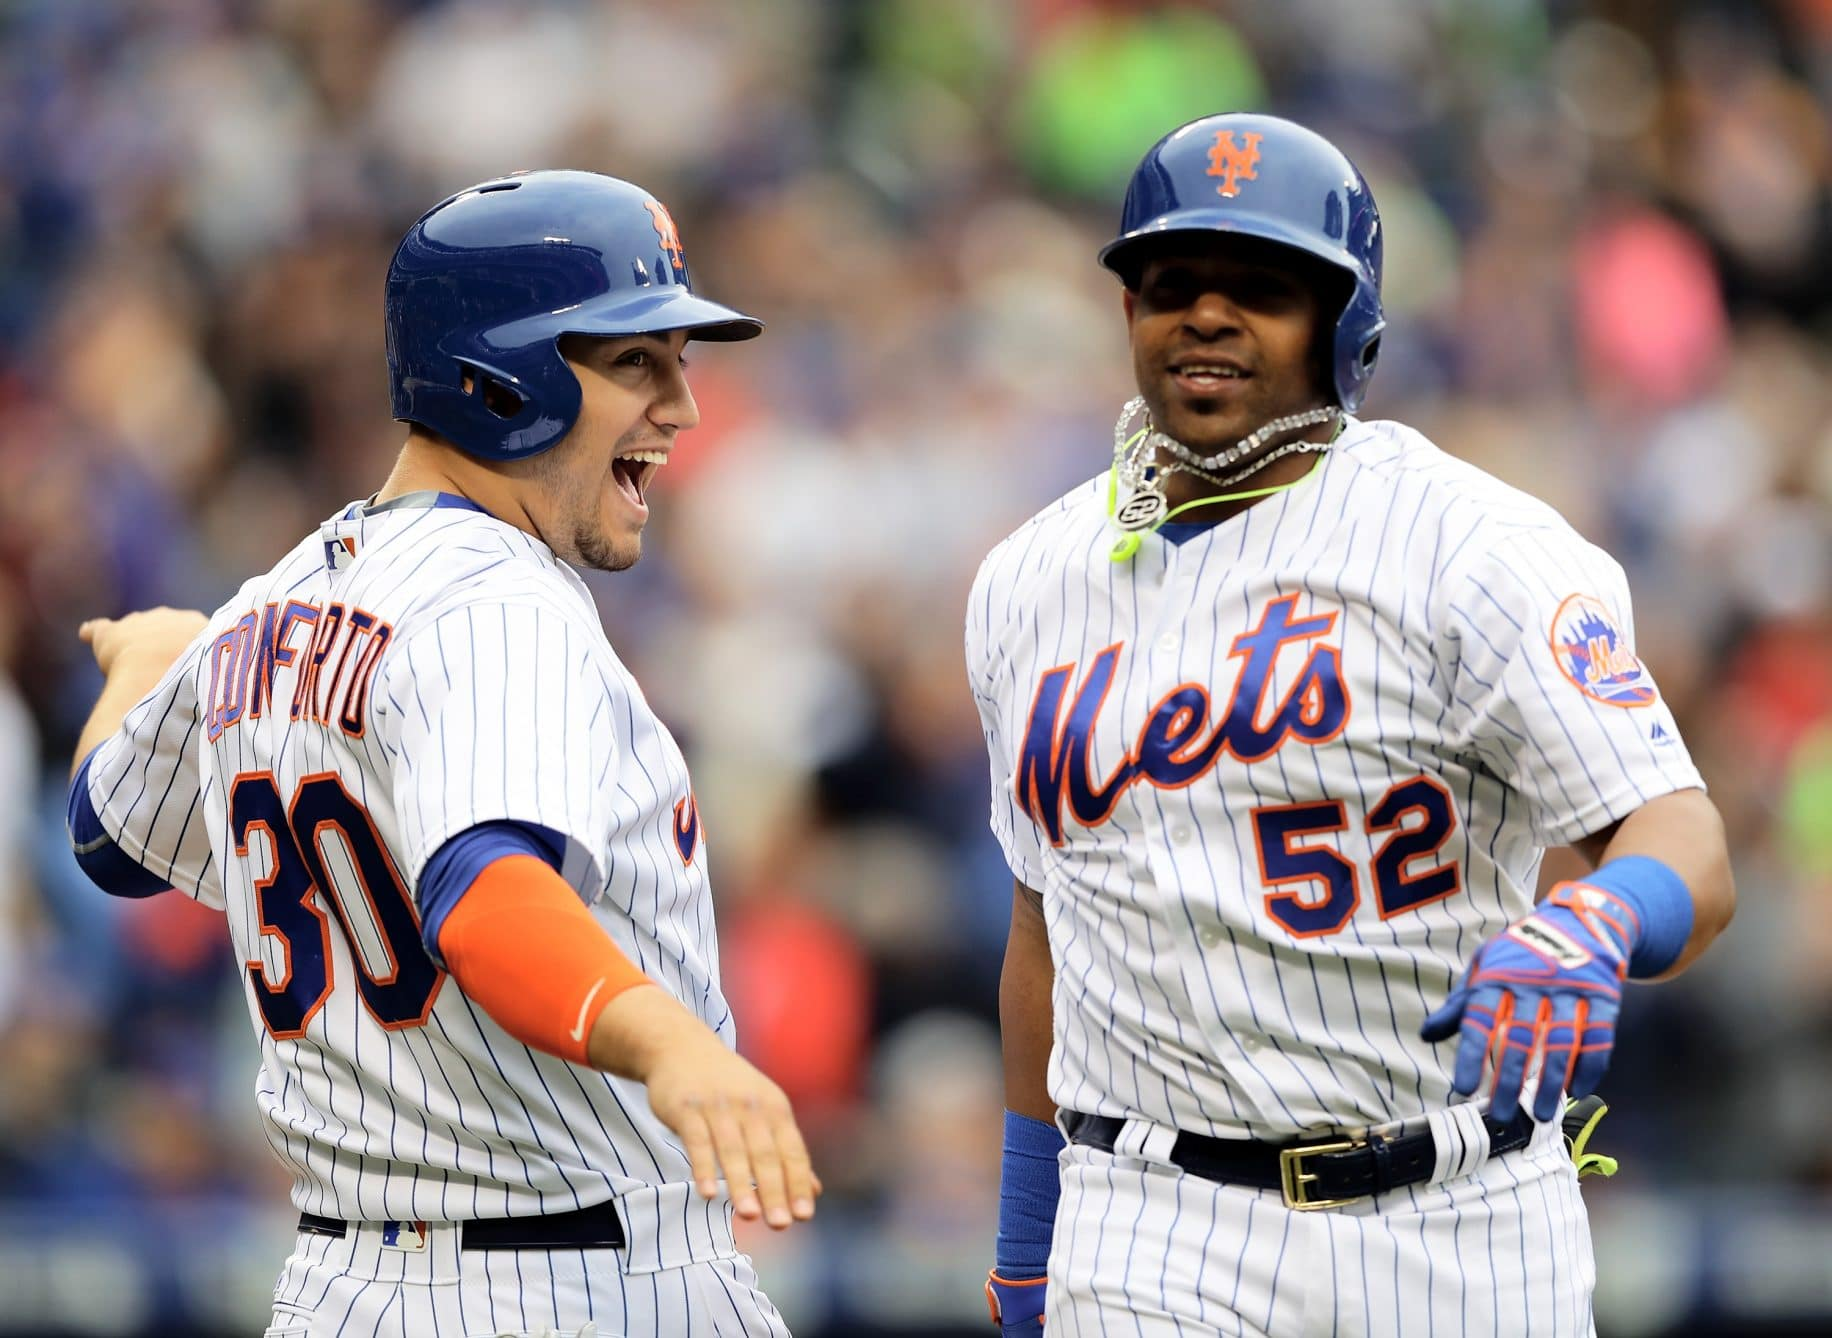 Yoenis Cespedes Michael Conforto New York Mets